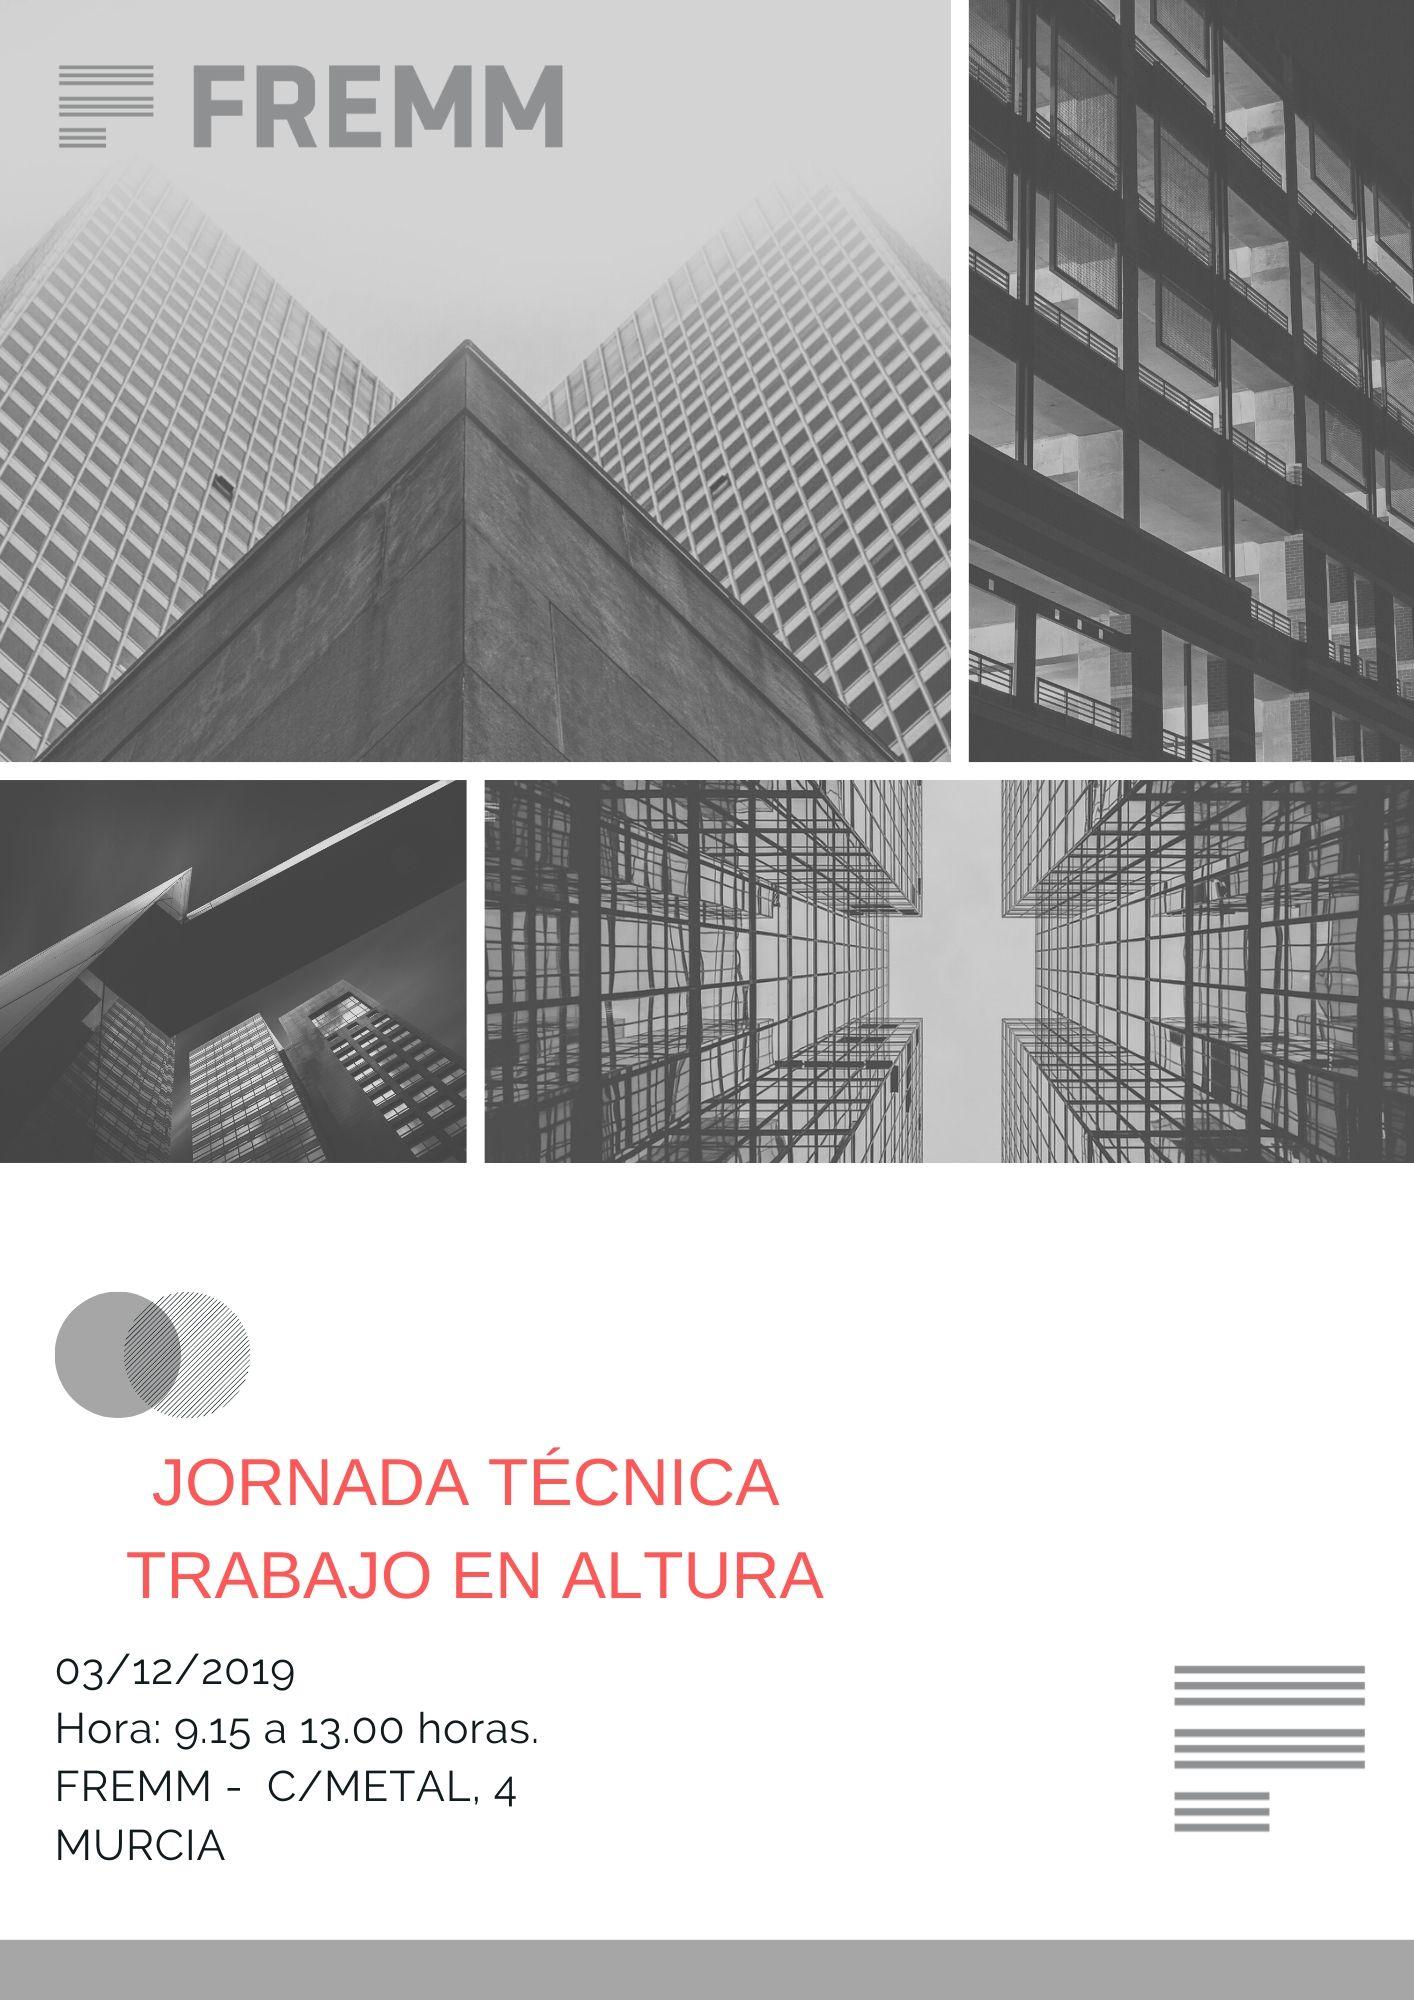 Jornada de Trabajo en Altura - Cubiertas y Plataformas Elevadoras